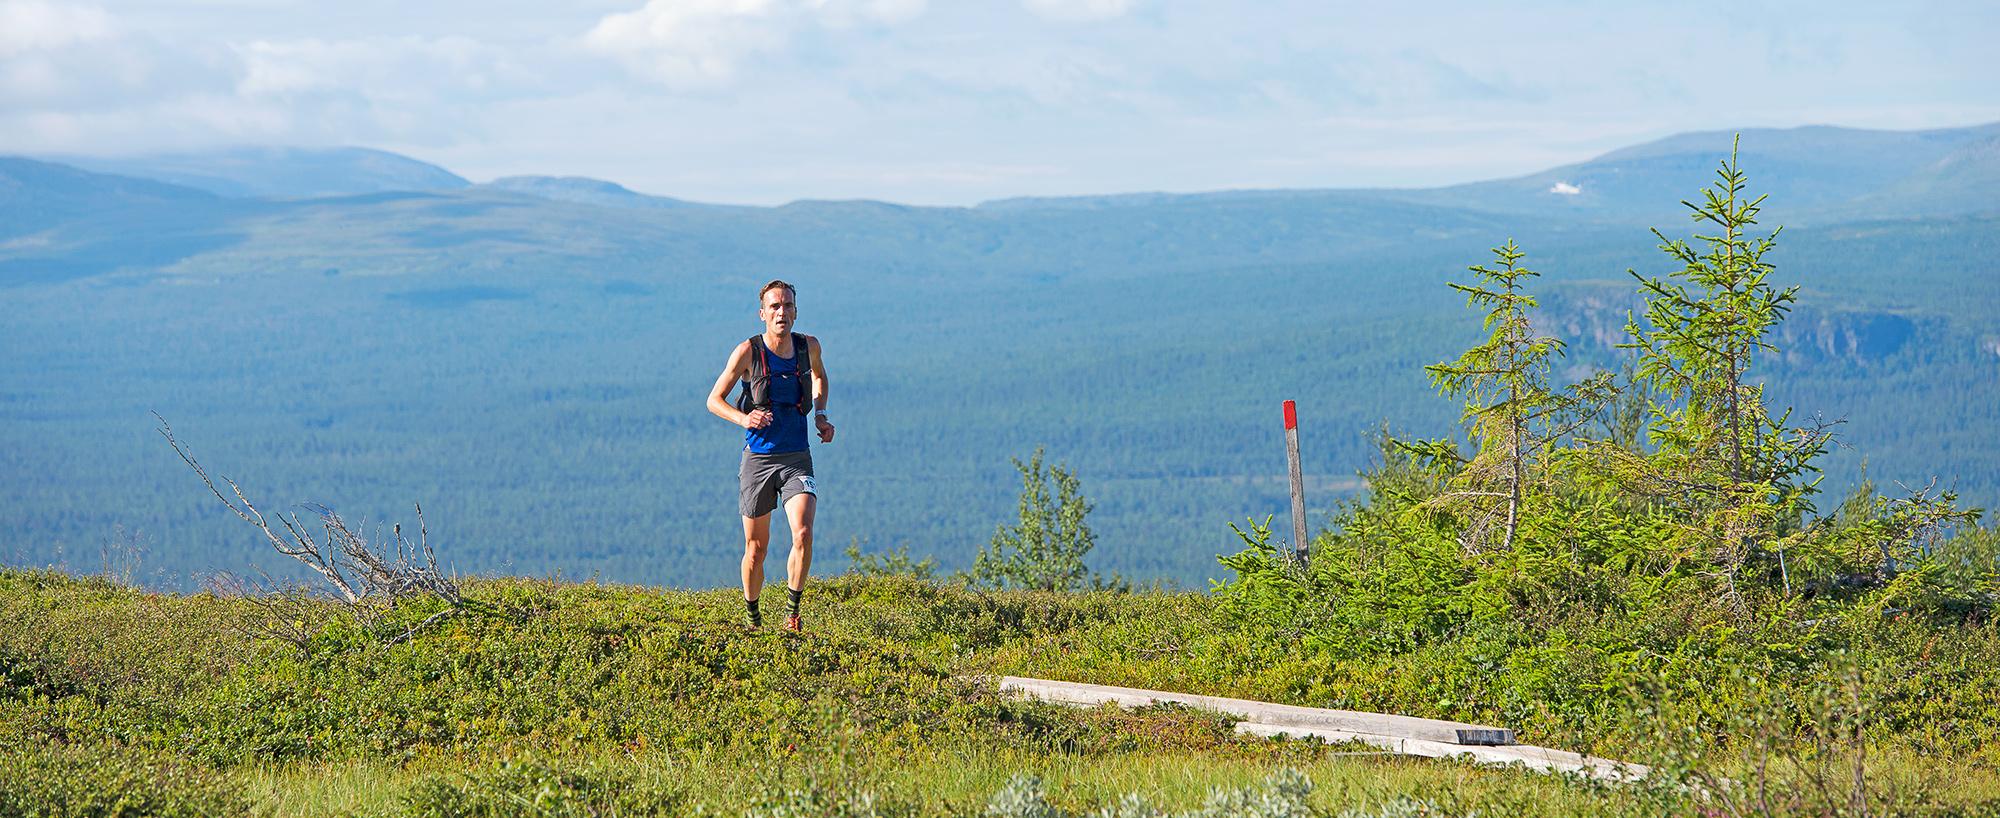 Att Gå Eller Springa – Hela Eller Del Av – Fjällmaratonleden är En Fjällupplevelse I Världsklass I Södra Årefjällen.